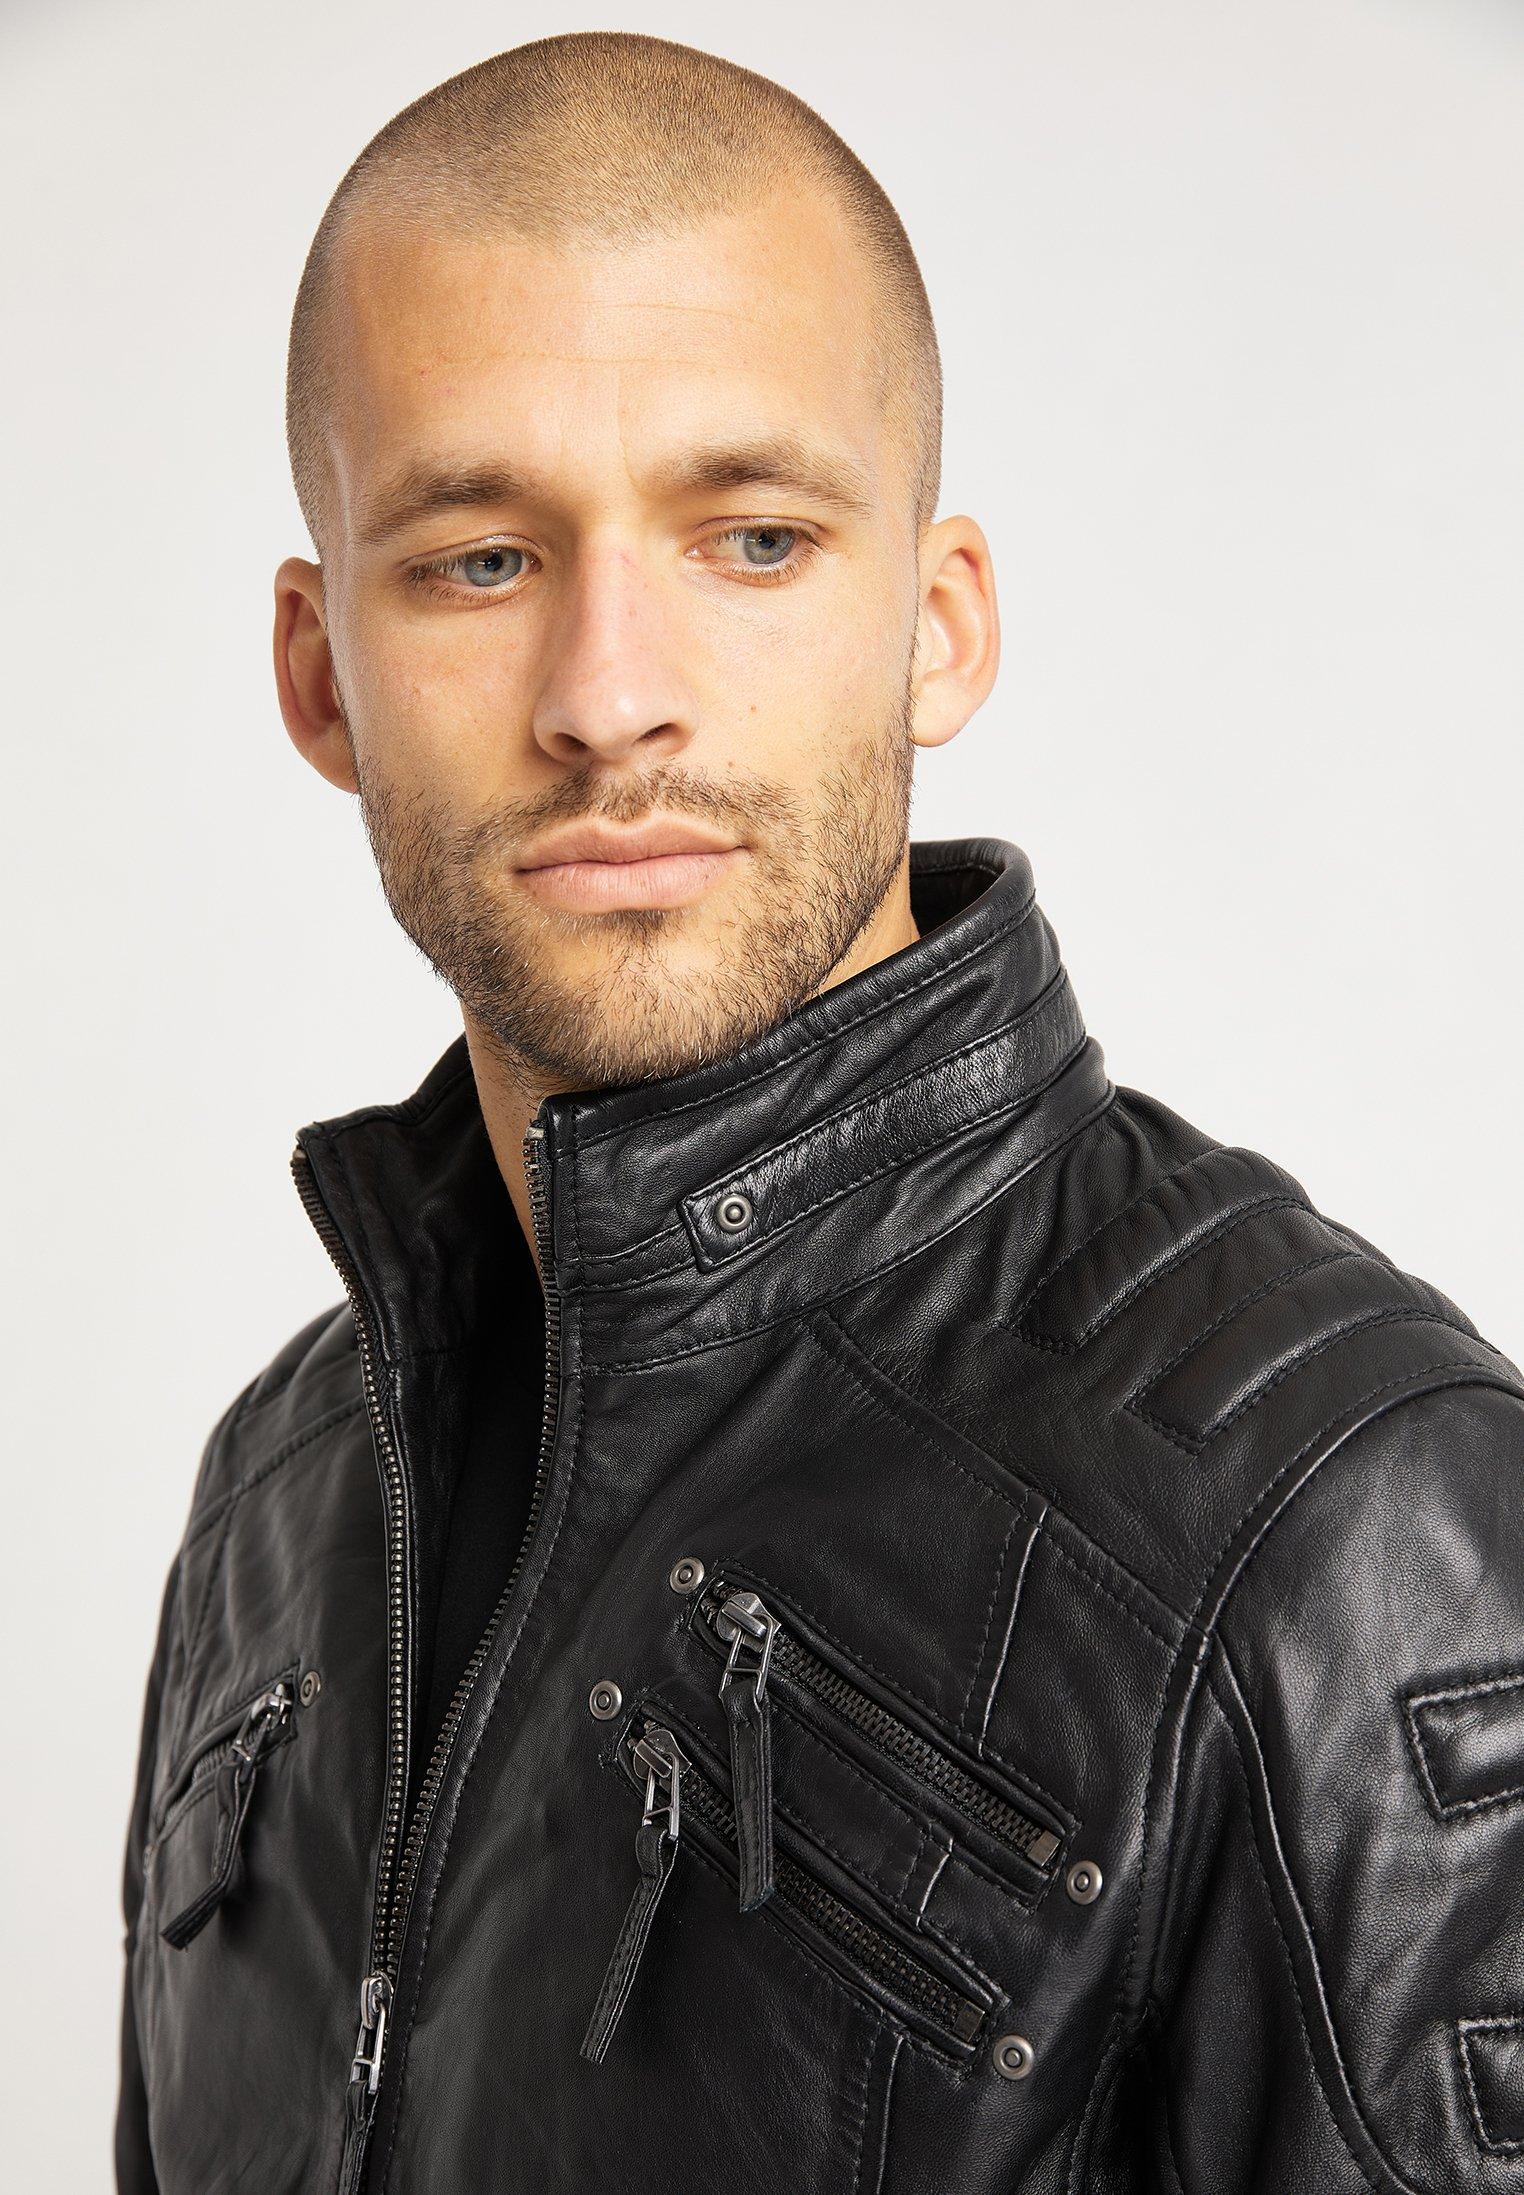 BRUNO BANANI Jassen voor heren online shoppen | ABOUT YOU